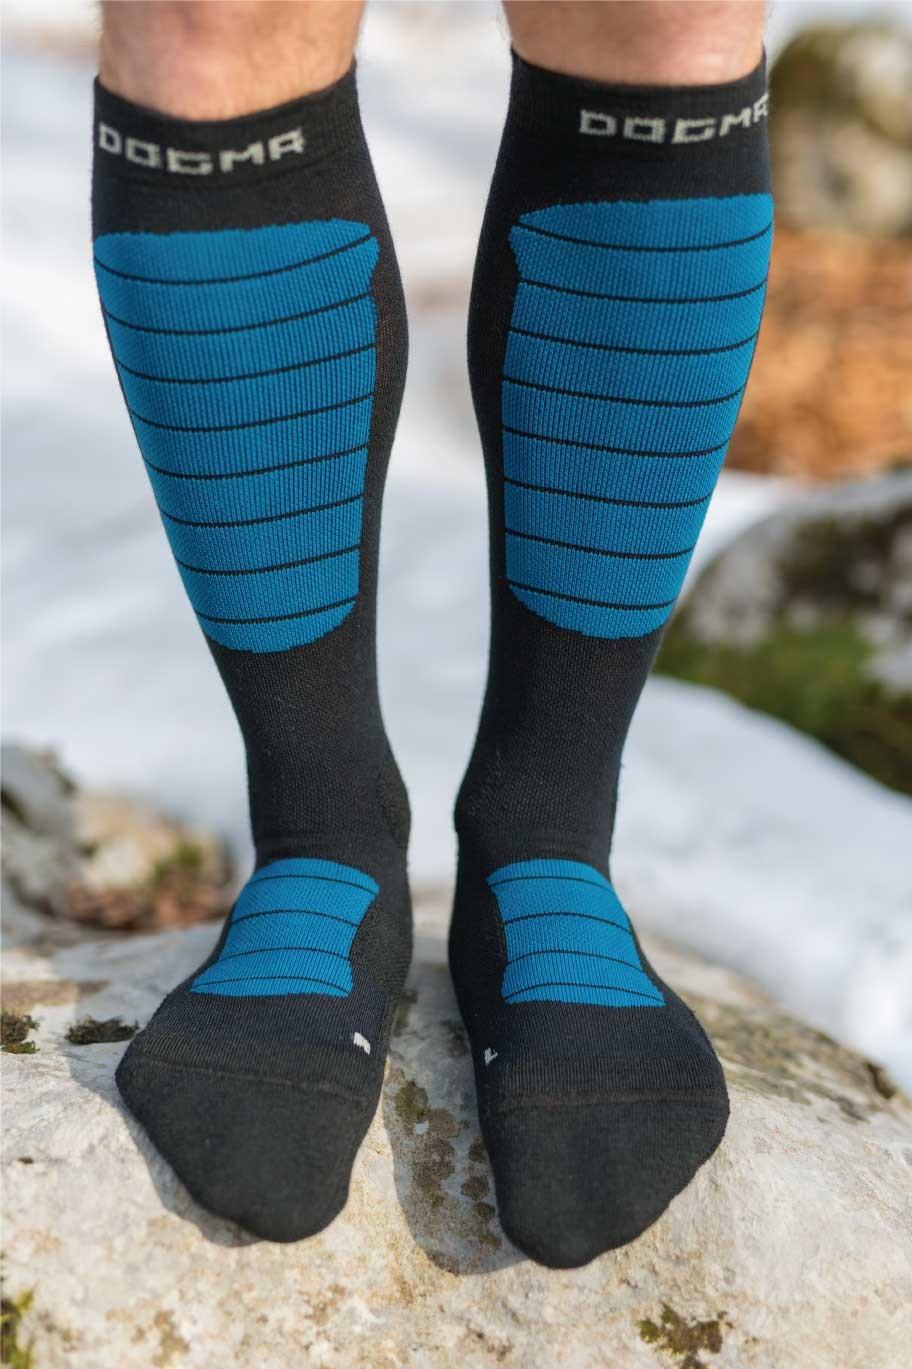 Dogmasocks Snow Eater winter socks for men with petrol stripes. Full front design, knee height